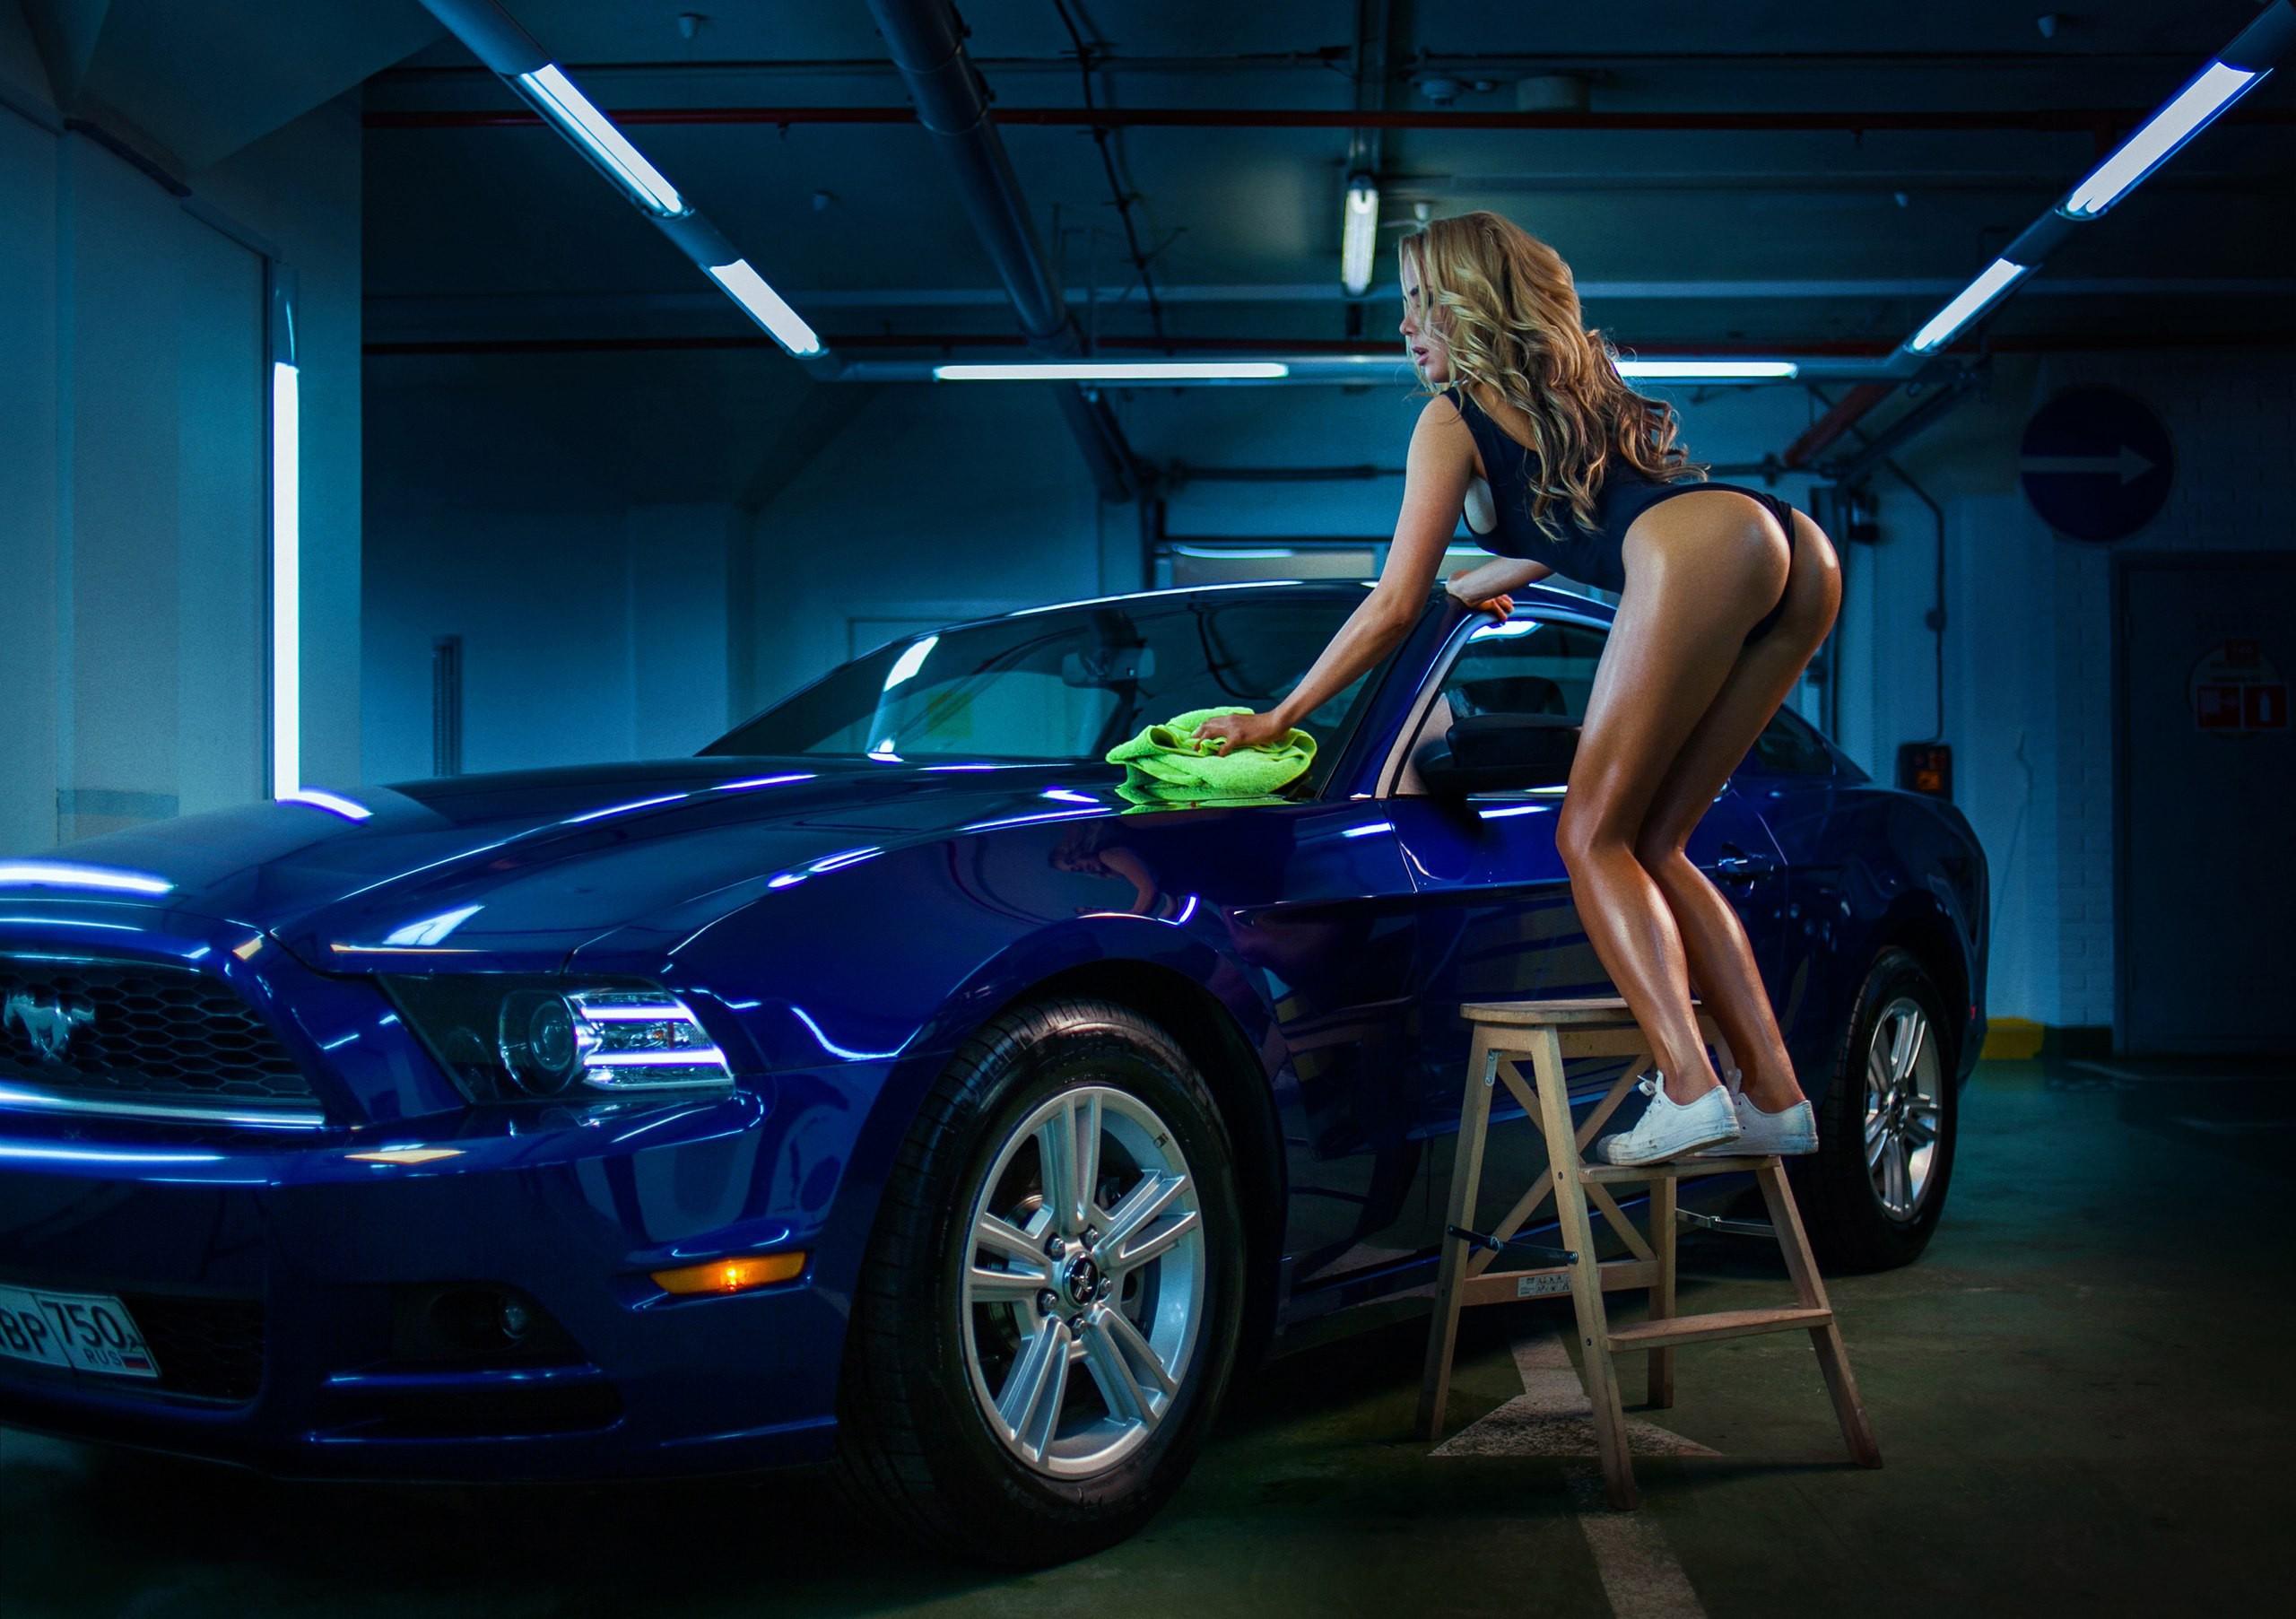 Fond d'écran : femmes, blond, cul, bronzé, véhicule